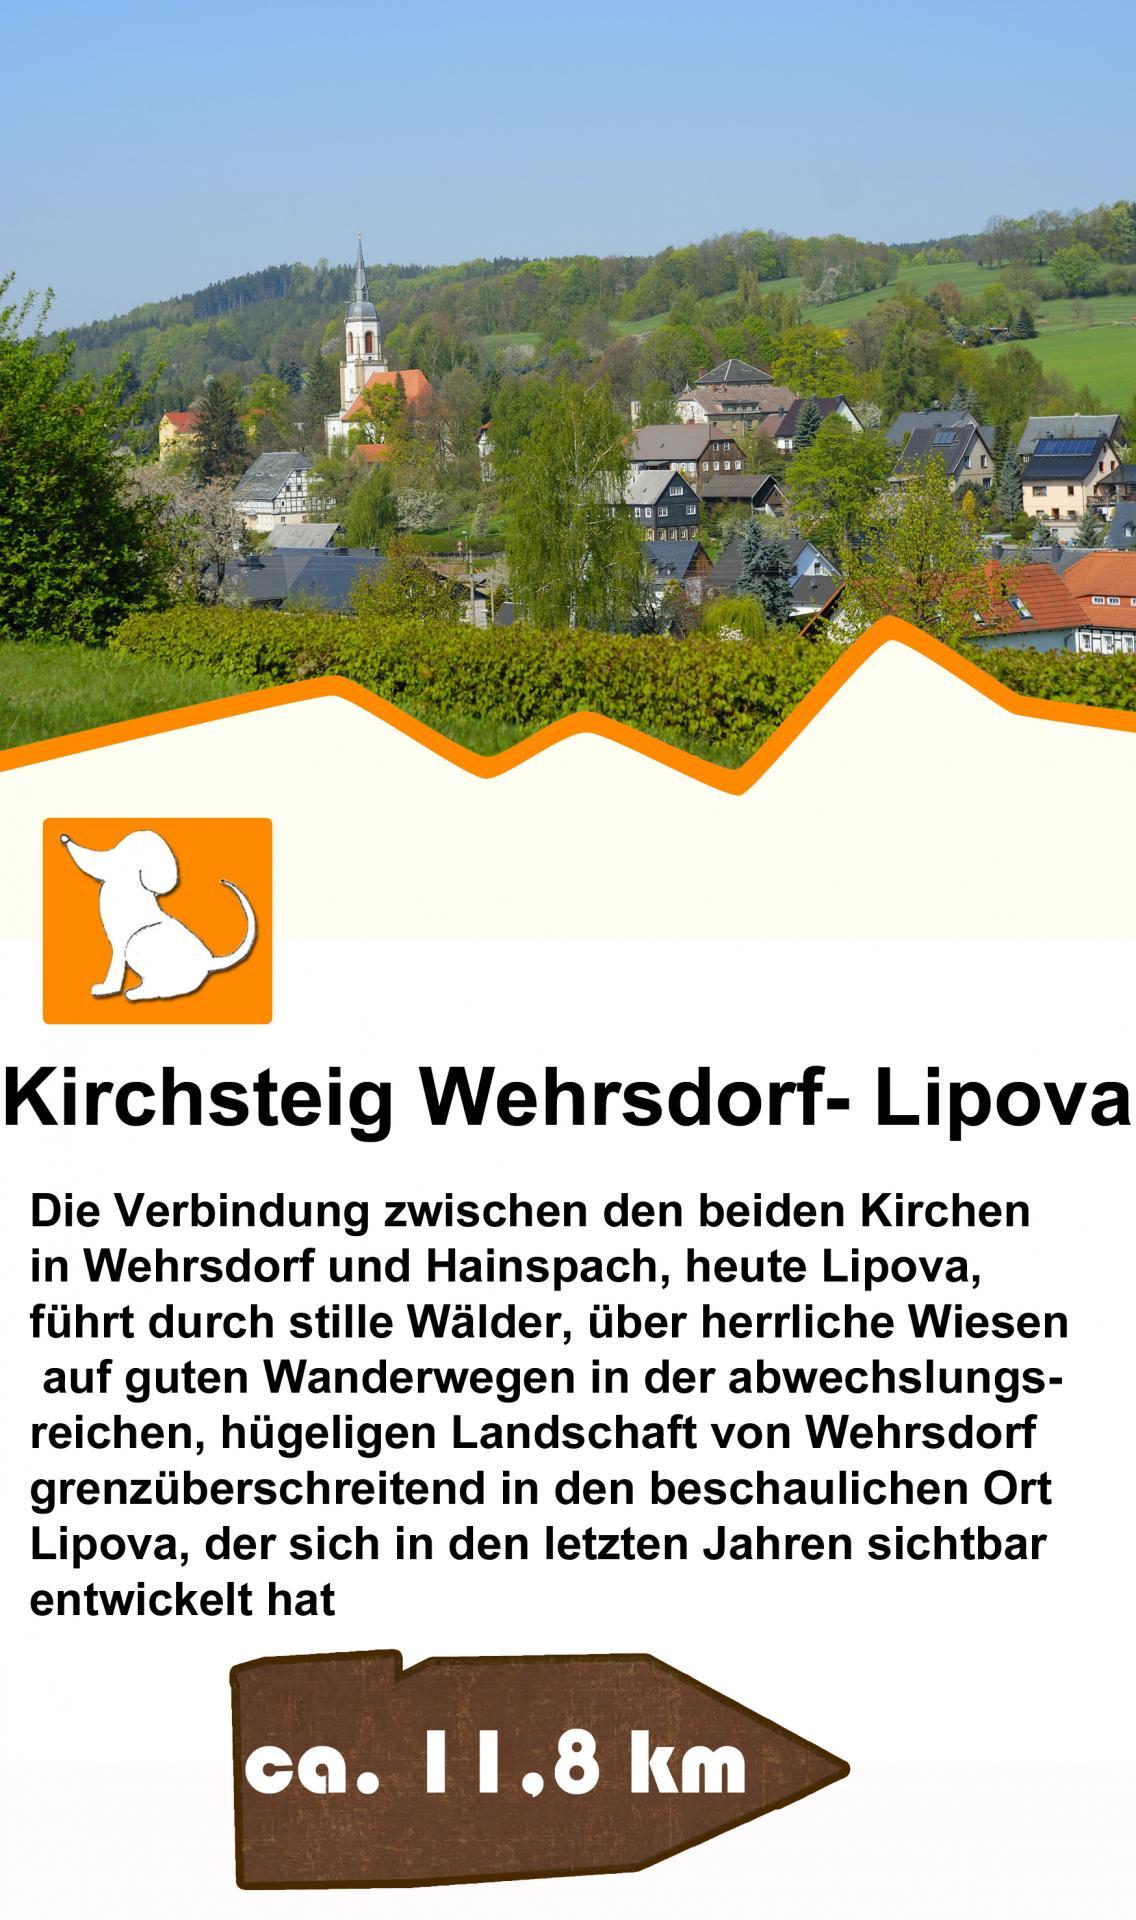 Kirchsteig Wehrsdorf-Lipova